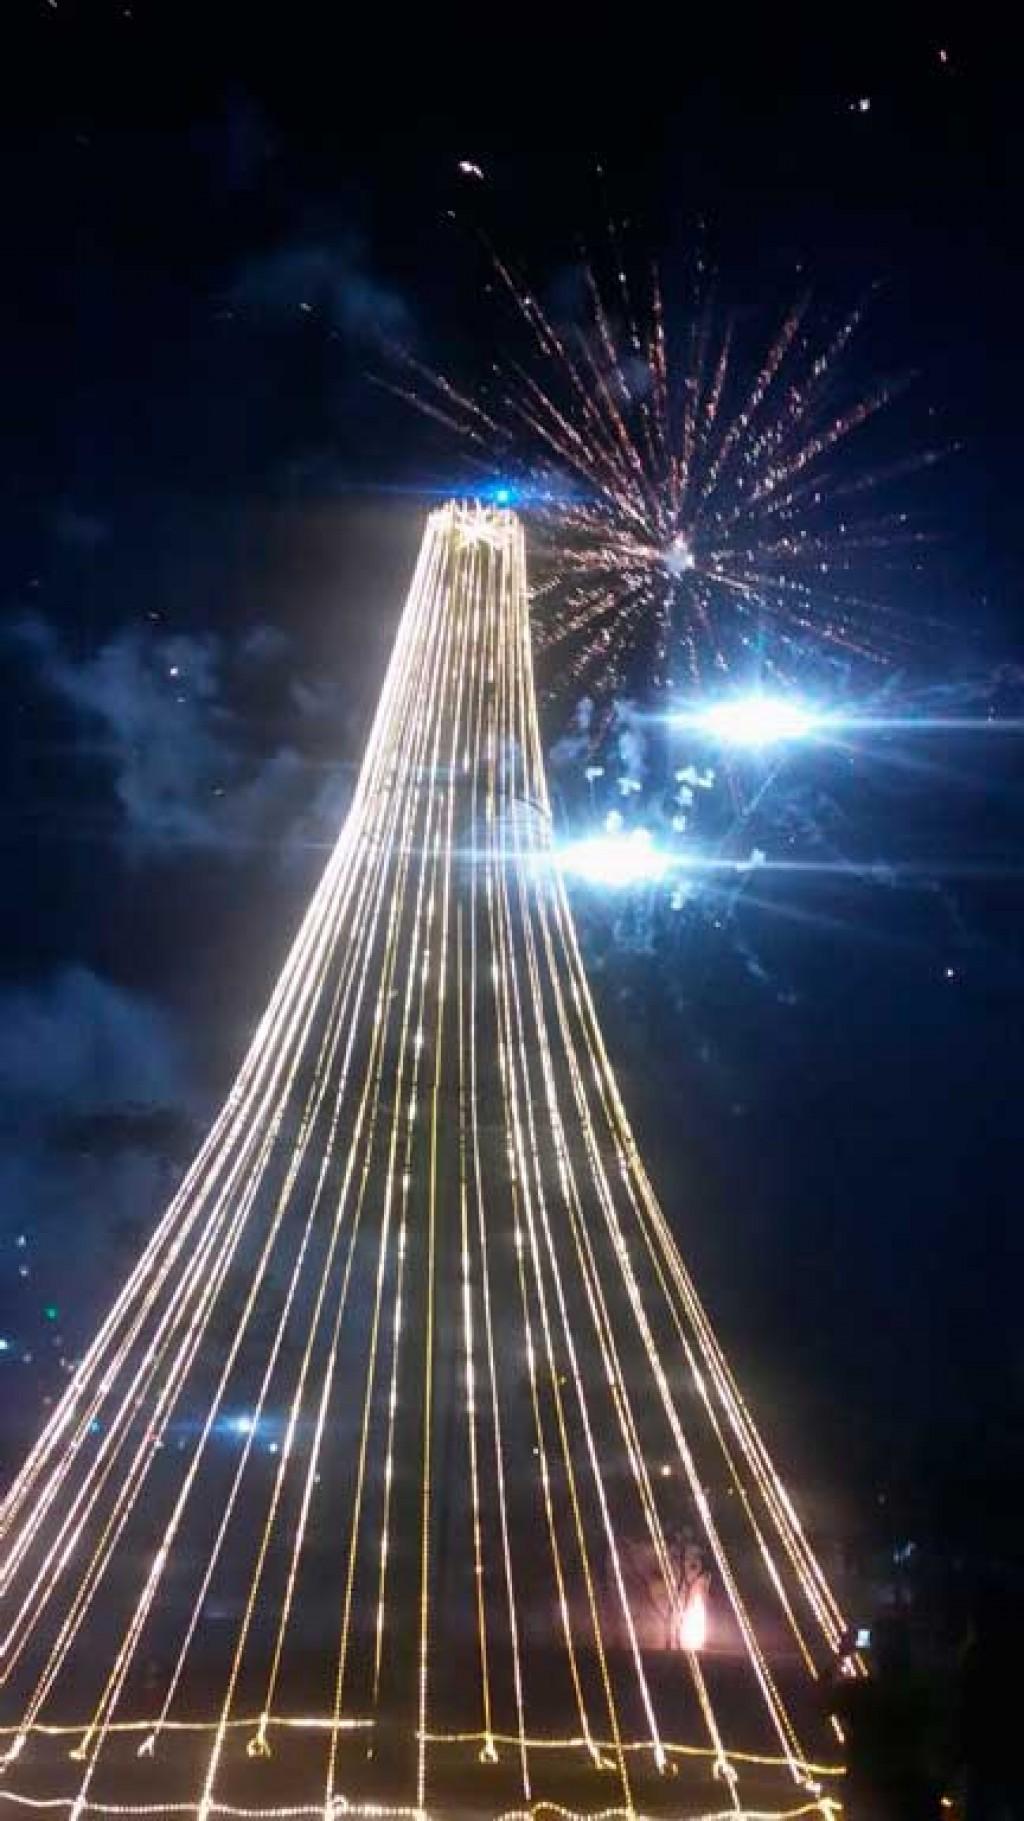 Cidades - Prefeitura inaugura decoração natalina